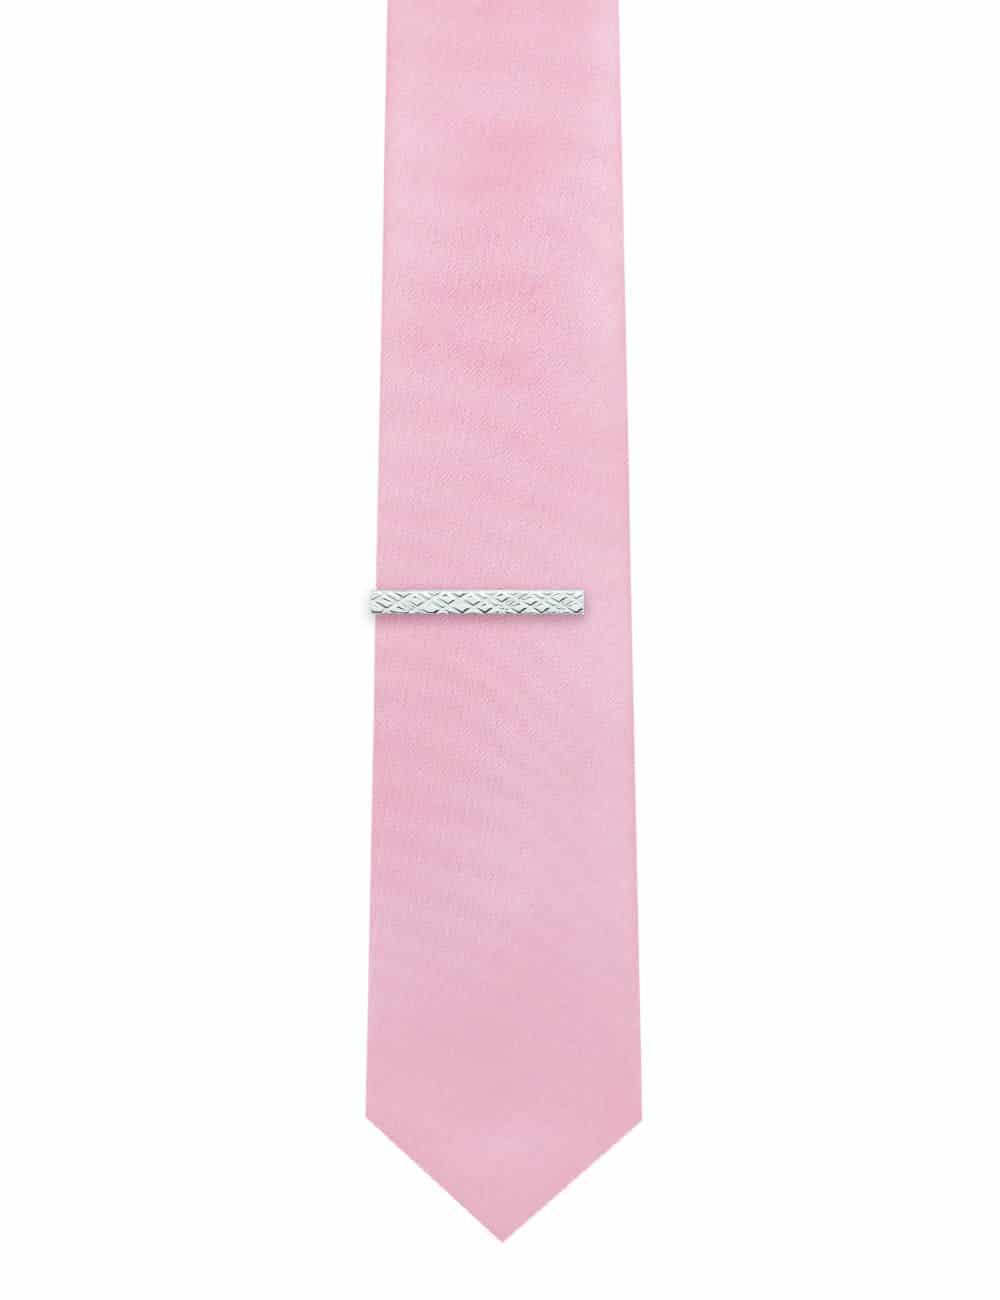 Classic Silver Check Tie Clip T101FC-028